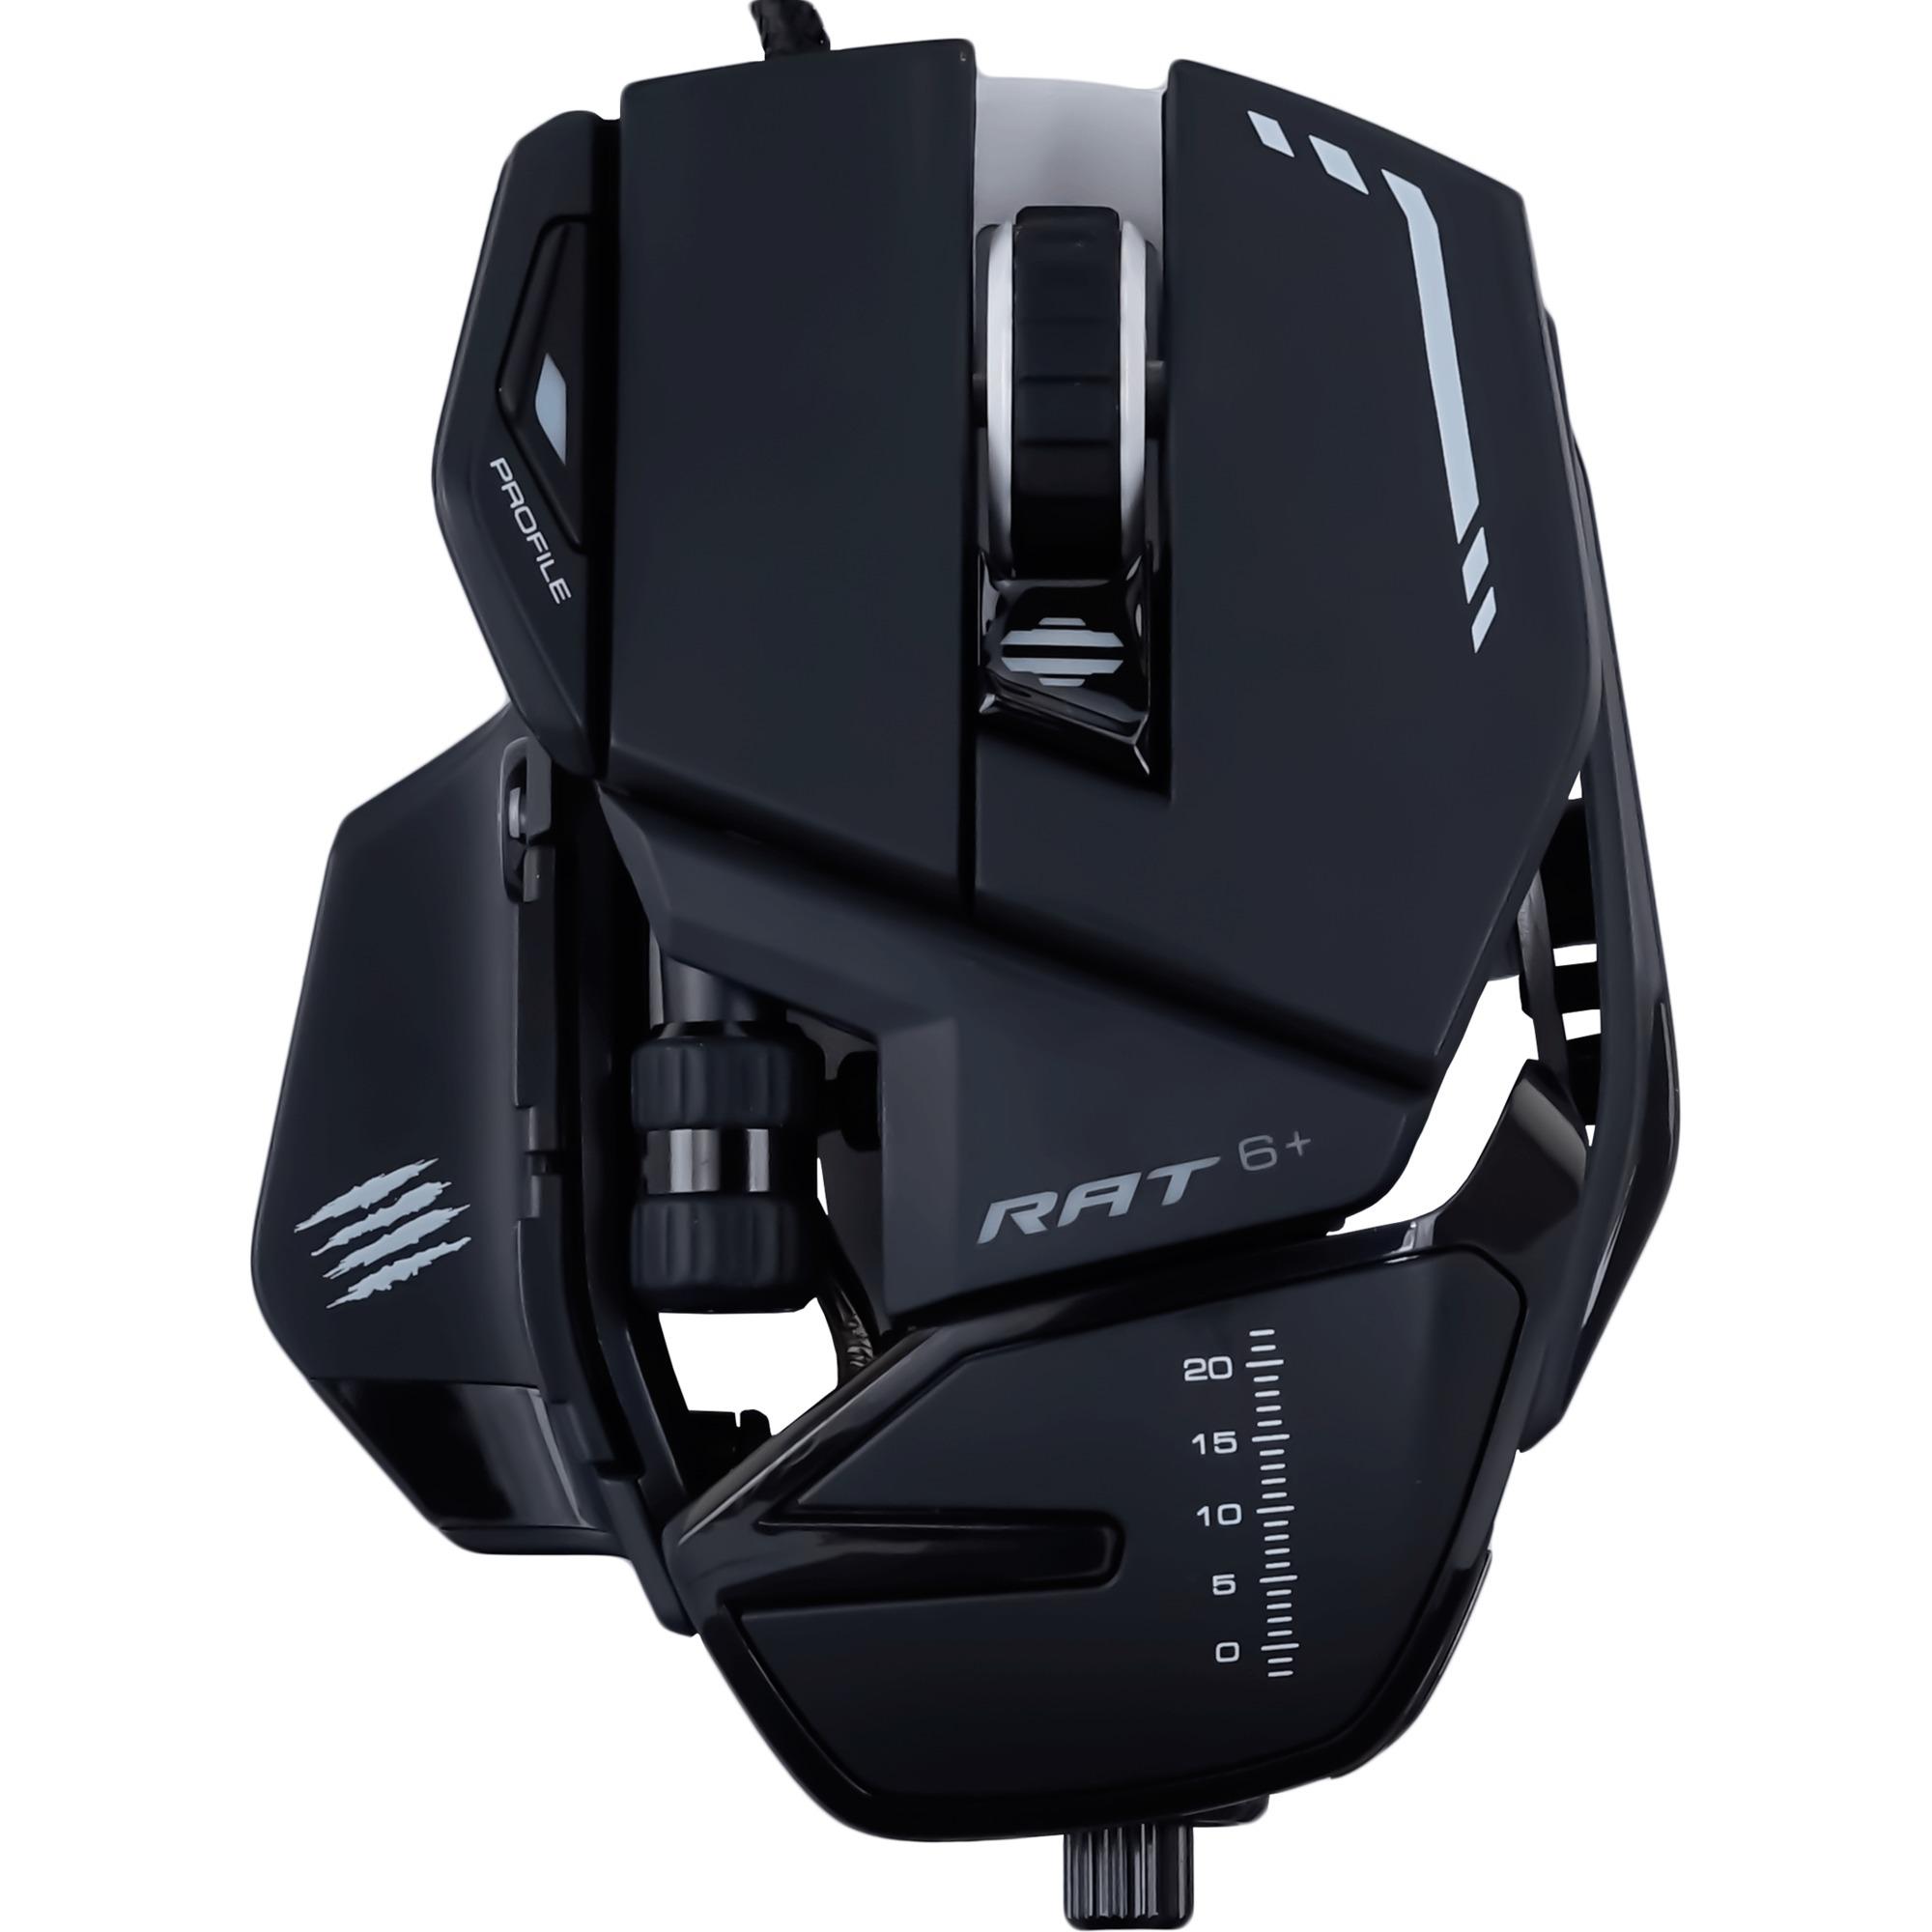 R.A.T. 6+ ratón USB Óptico 12000 DPI mano derecha